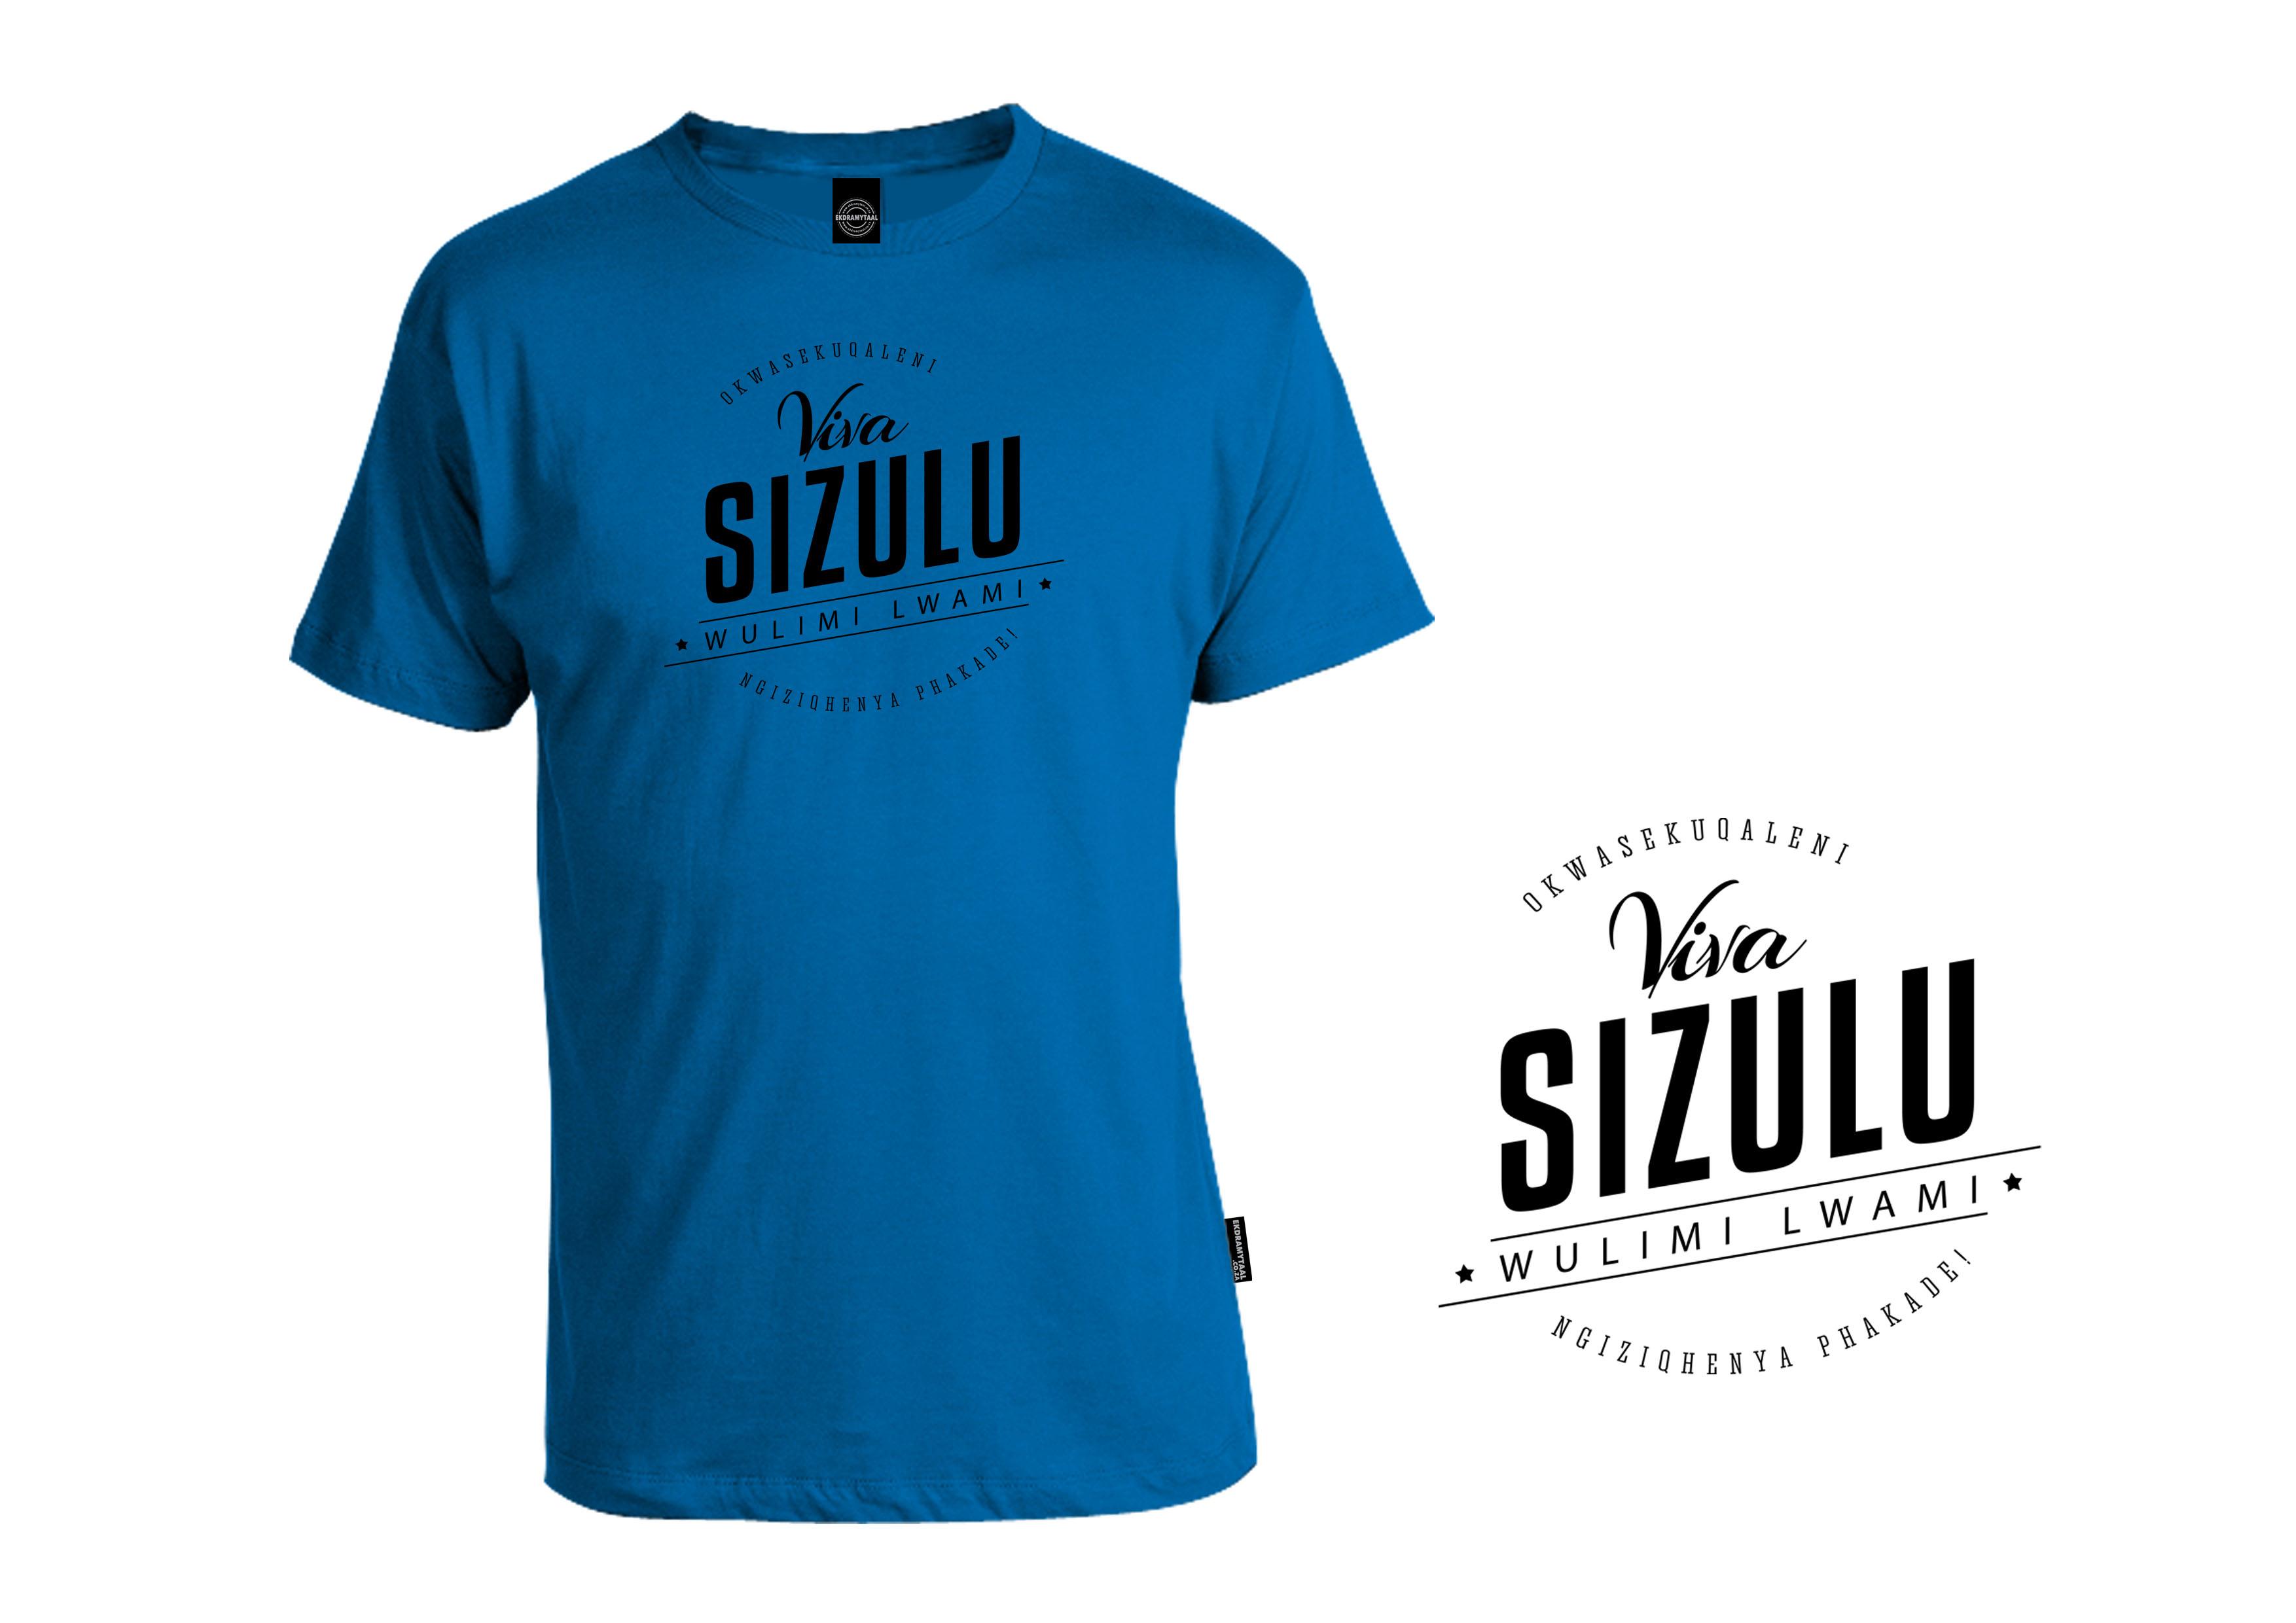 UNISEX - CREW NECK  165 gram - 100% Cotton  Shirt colour : Royal Blue  Print colour : Black